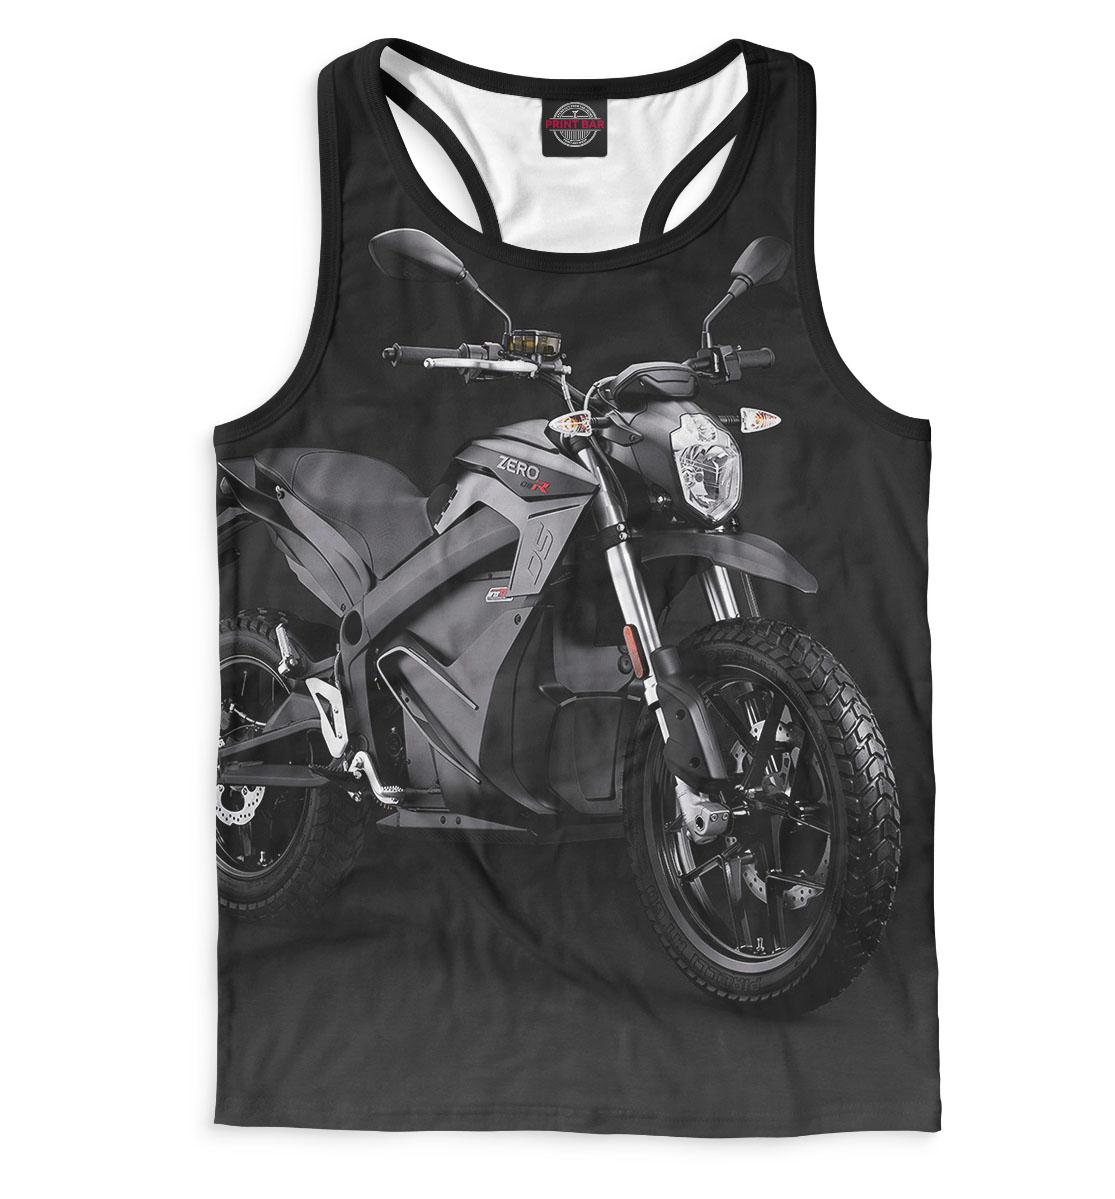 Купить Мотоцикл, Printbar, Майки борцовки, MTR-442599-mayb-2